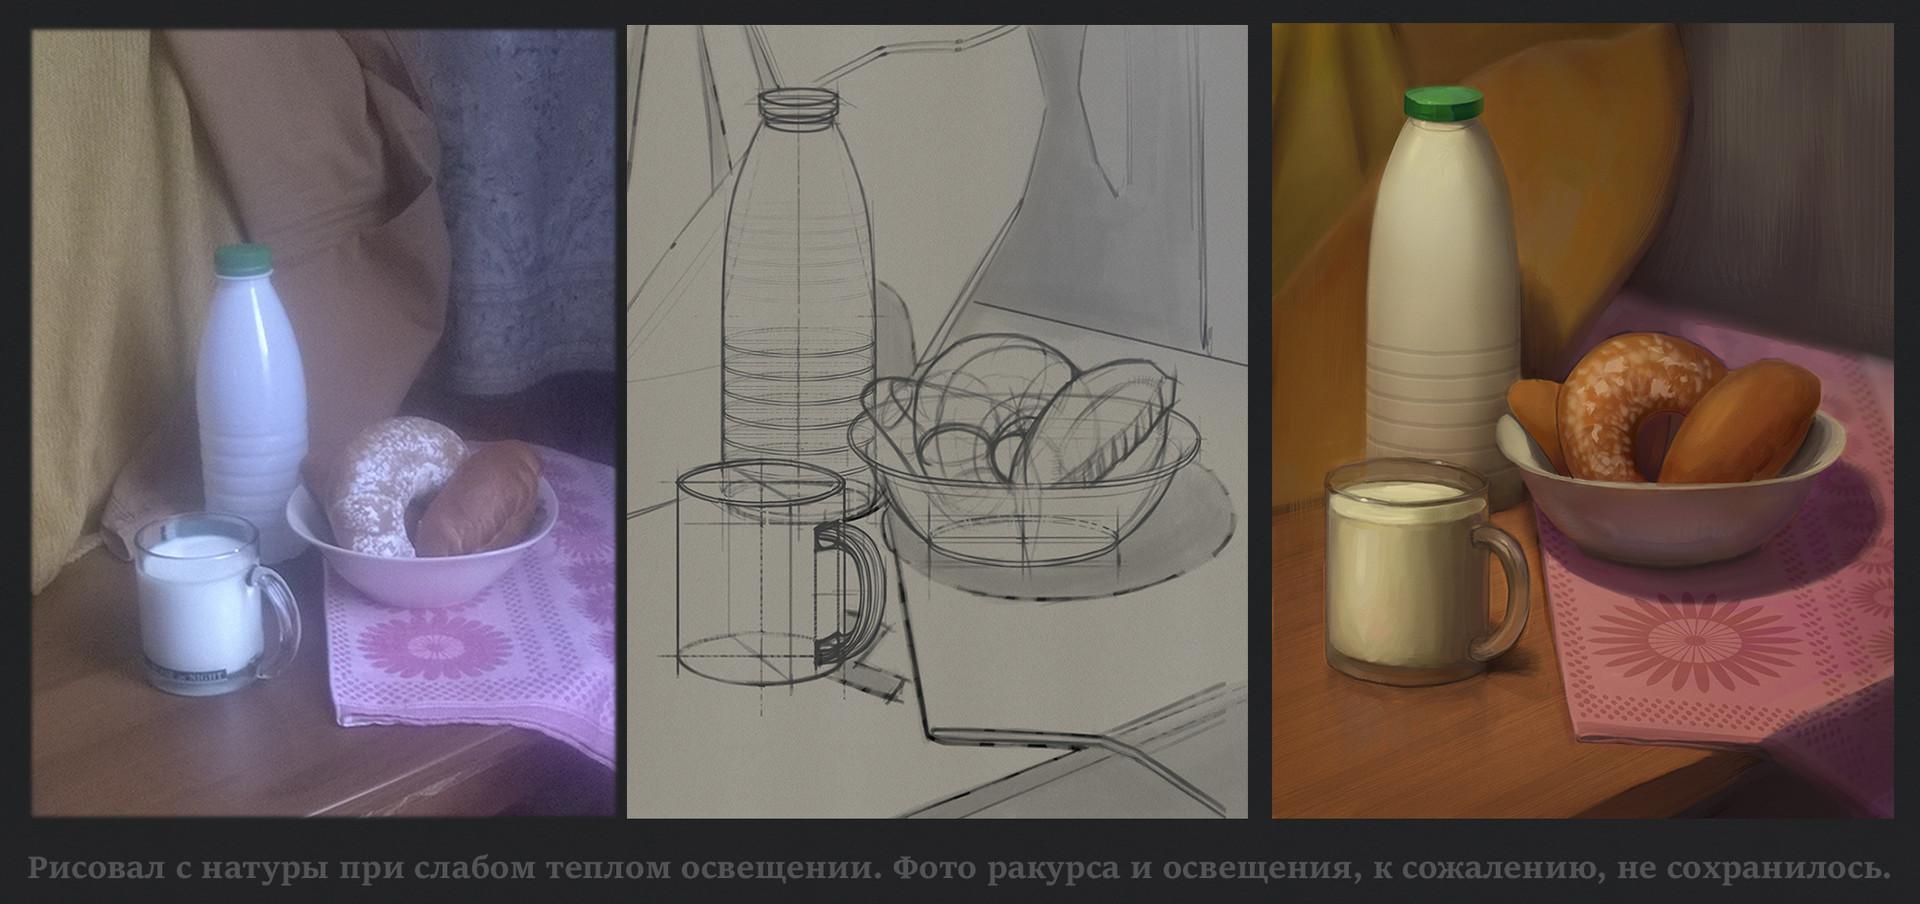 Vitaliy buyanov 04 01